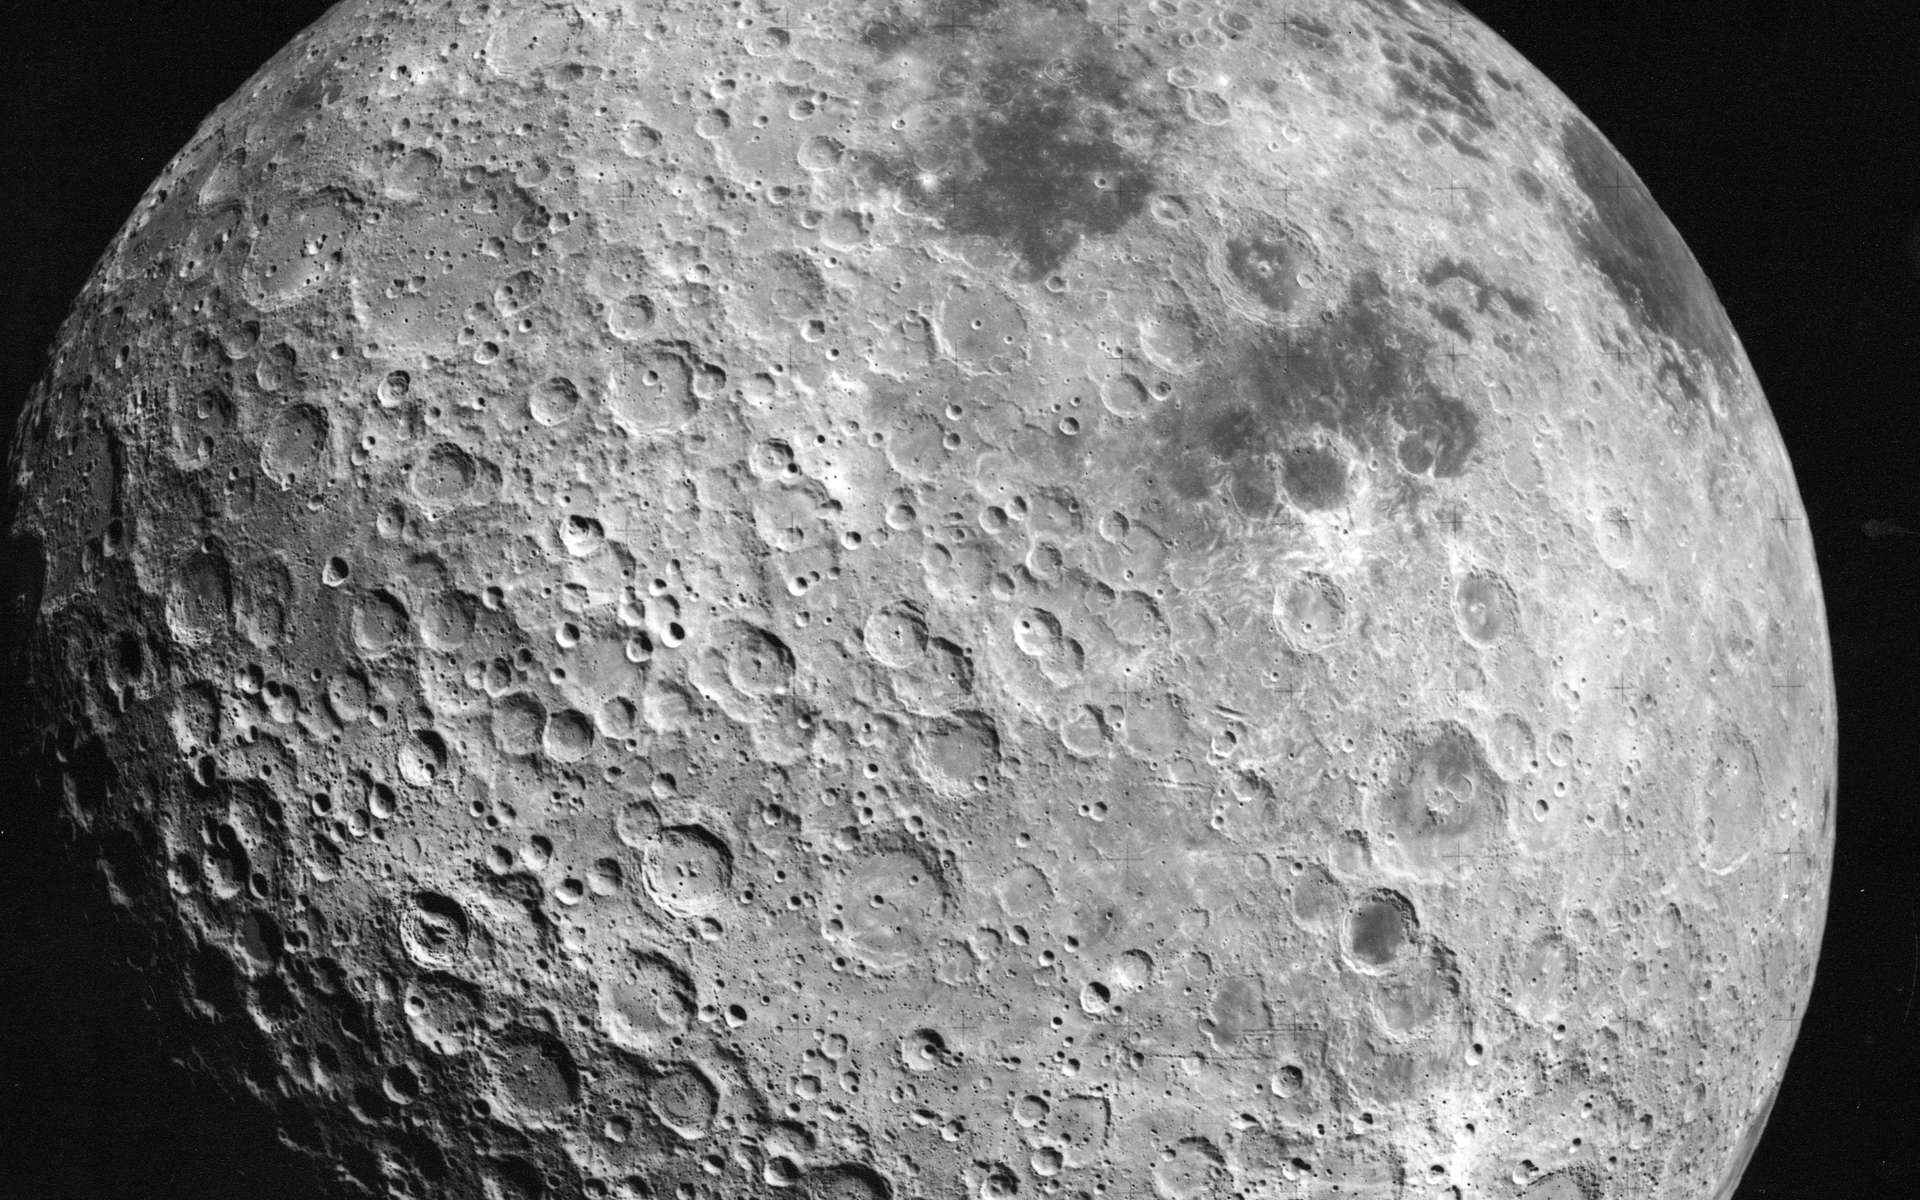 Une vue de la face cachée de la Lune prise par les astronautes de la mission Apollo 16. © Nasa